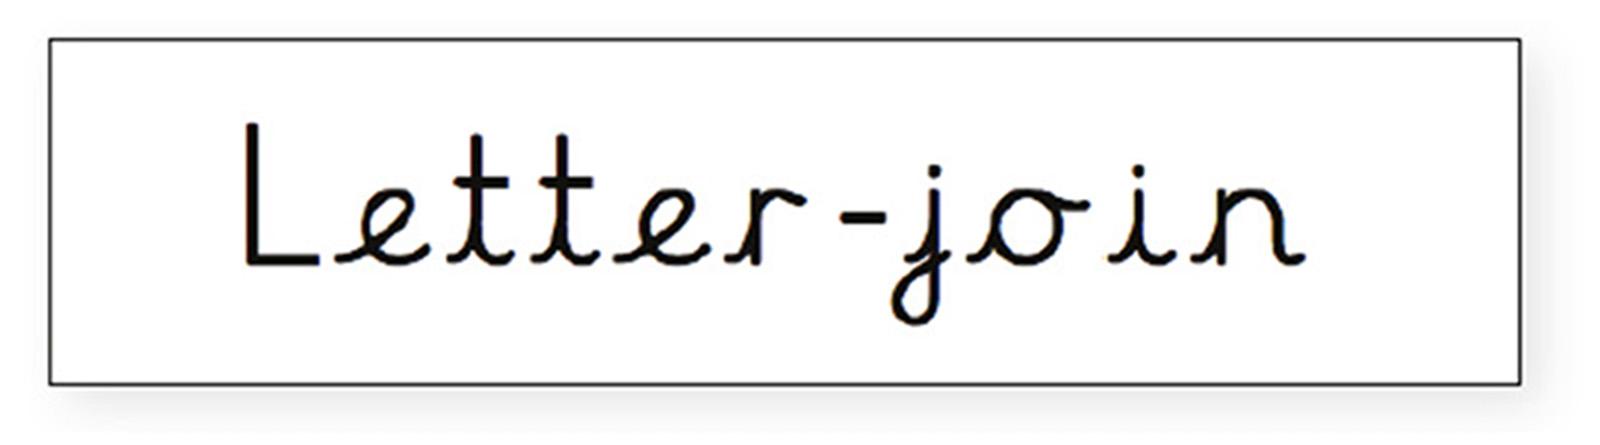 Cursive letters worksheets uk